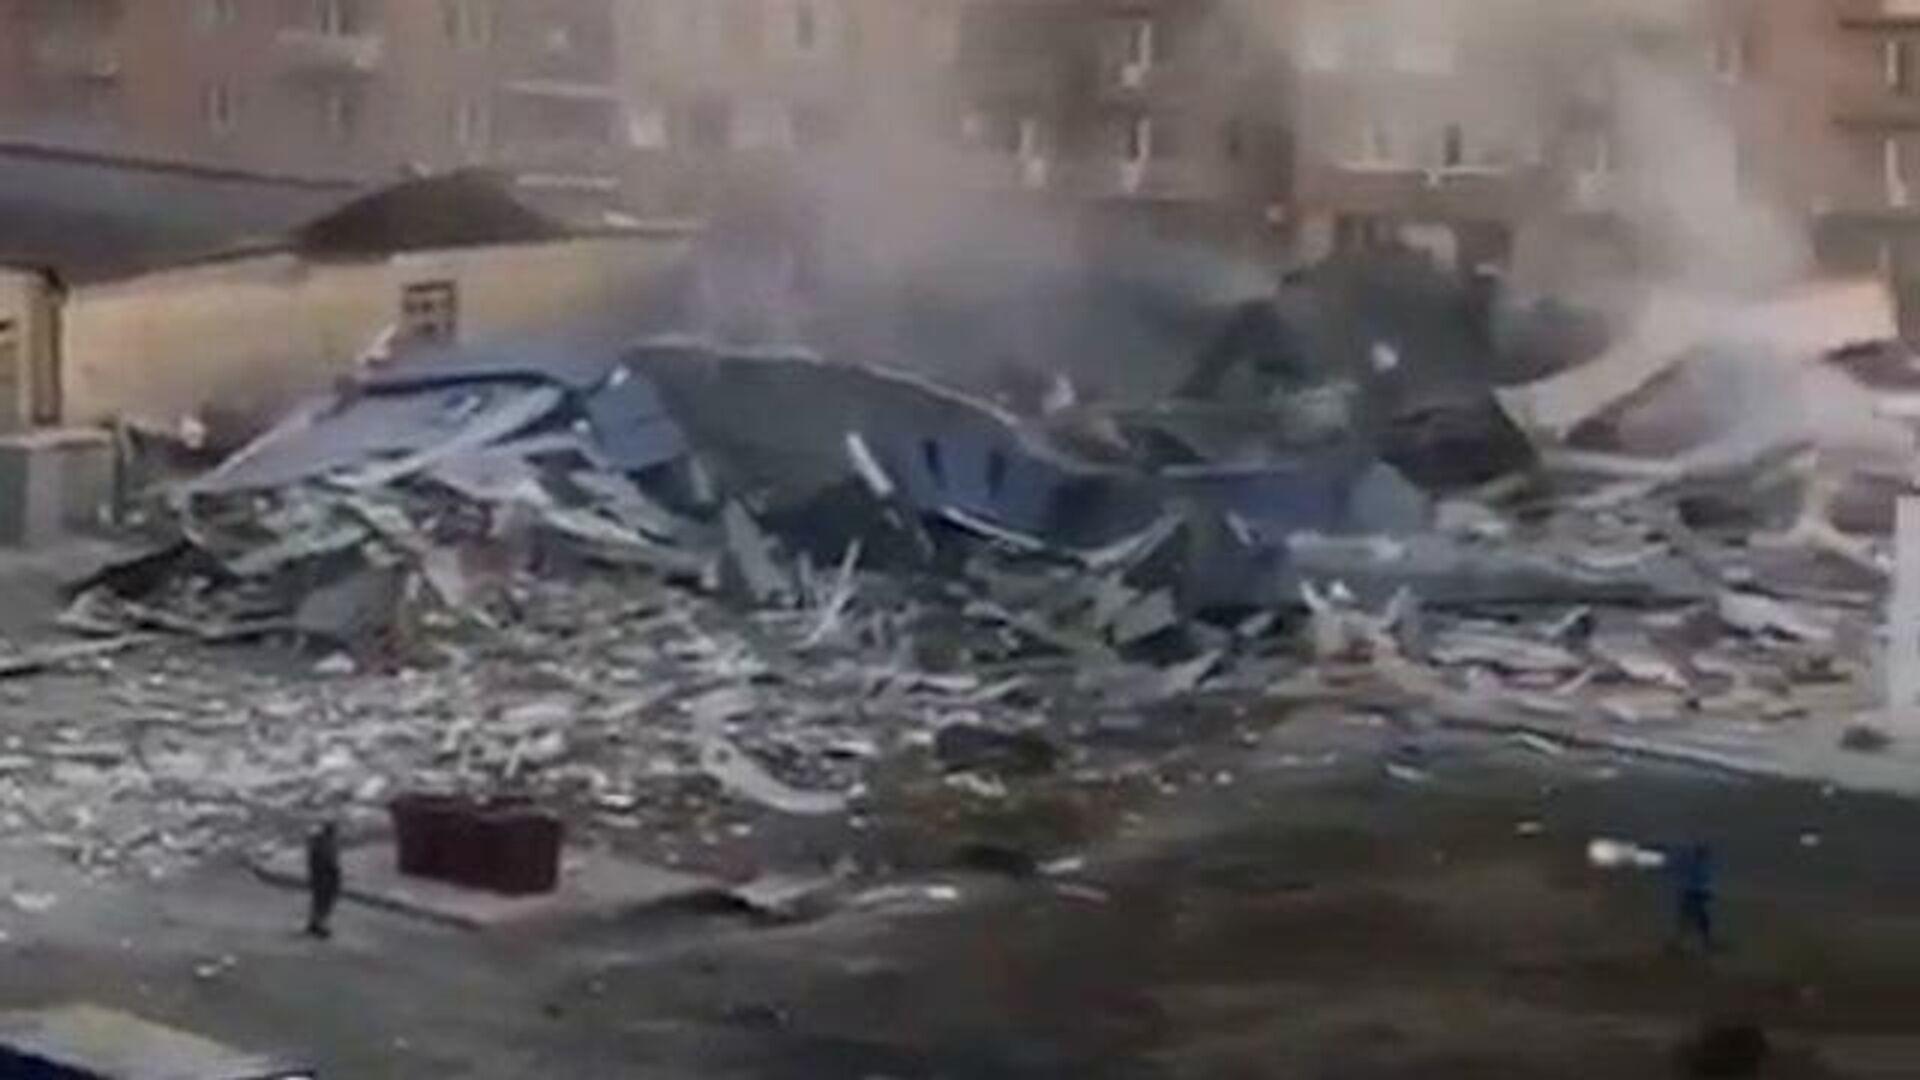 Кадры с места мощного взрыва во Владикавказе - РИА Новости, 1920, 12.02.2021